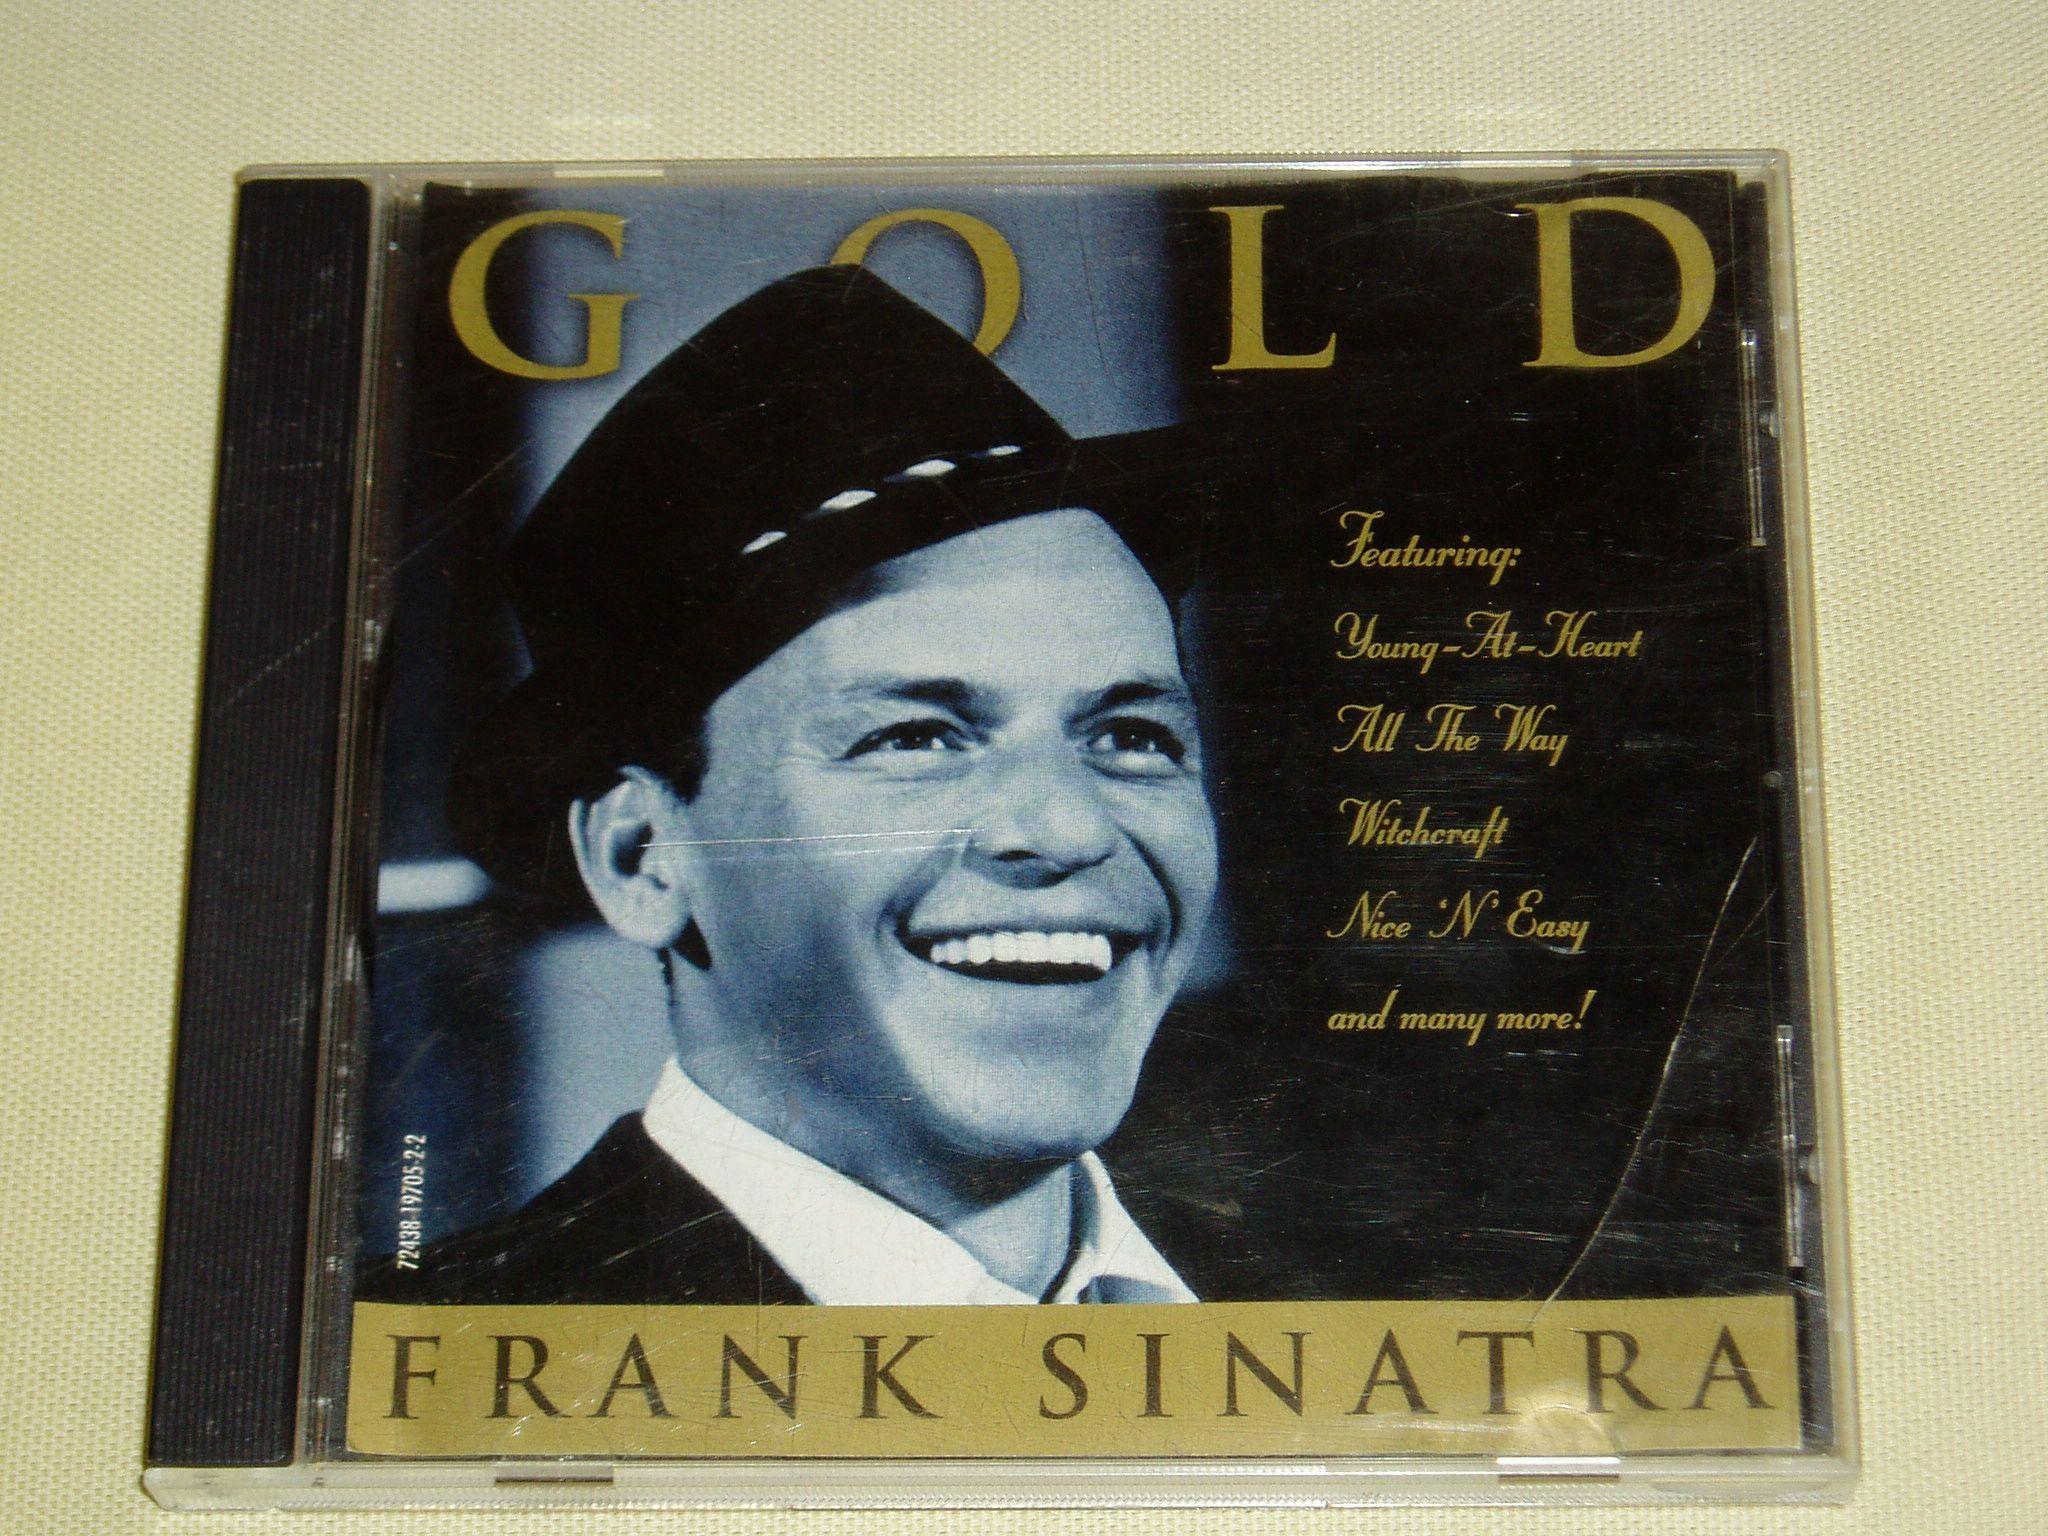 Frank Sinatra Gold CD